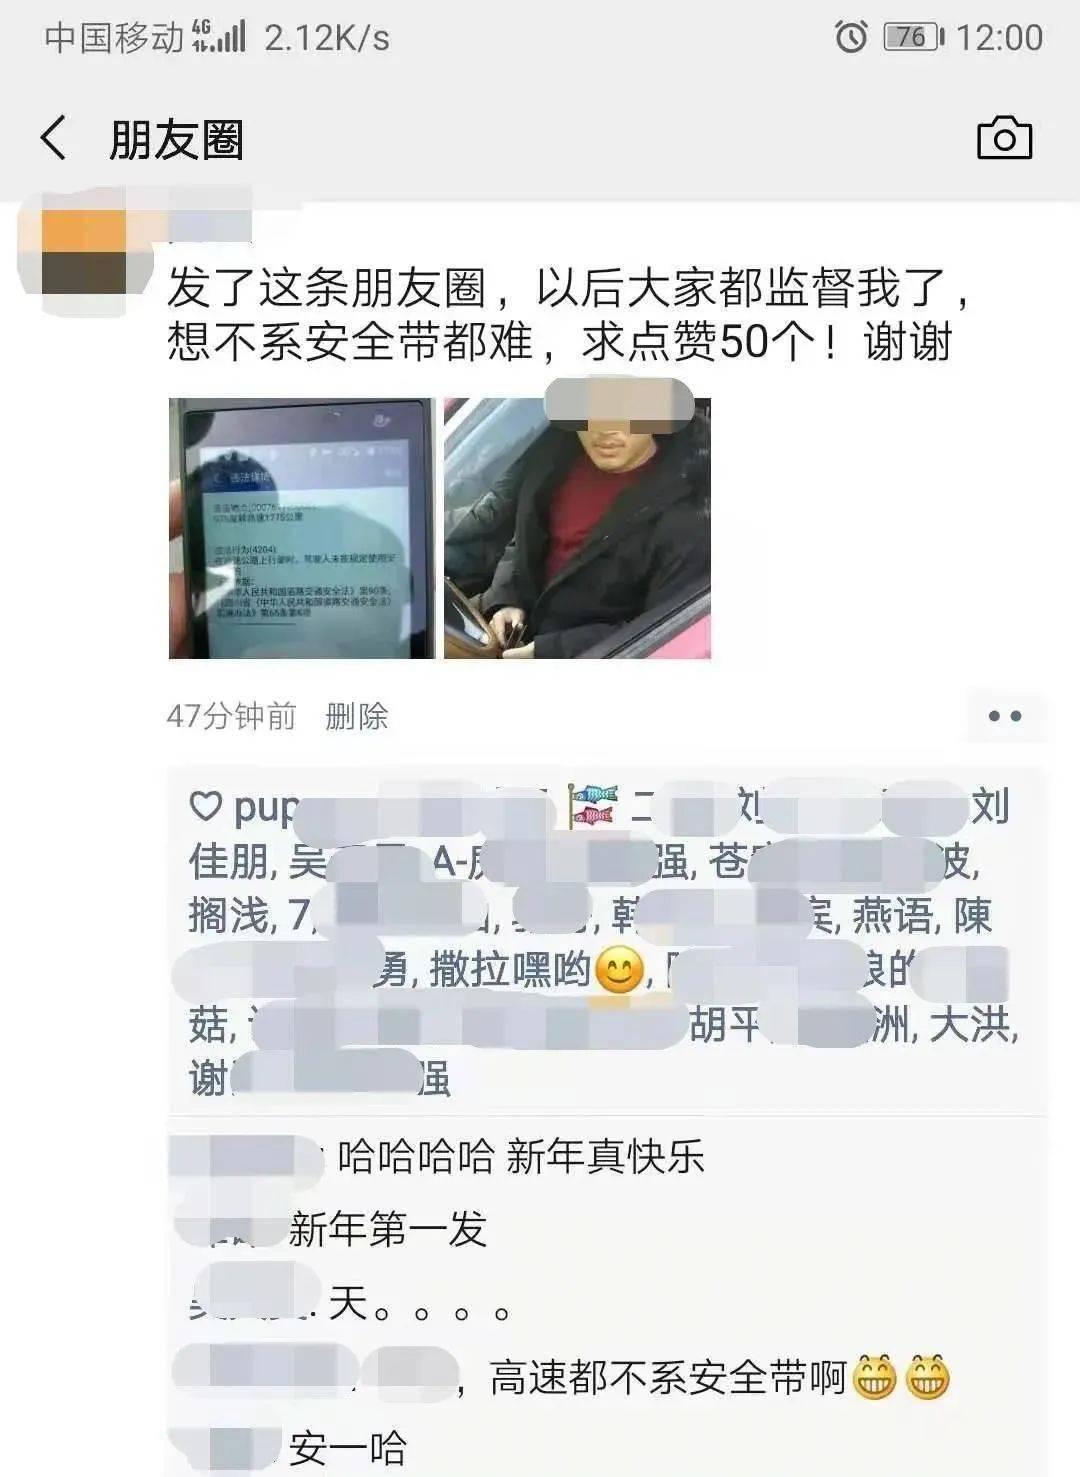 """泸州男子高速驾车未正确系安全带,交警开出""""朋友圈集赞""""罚单"""